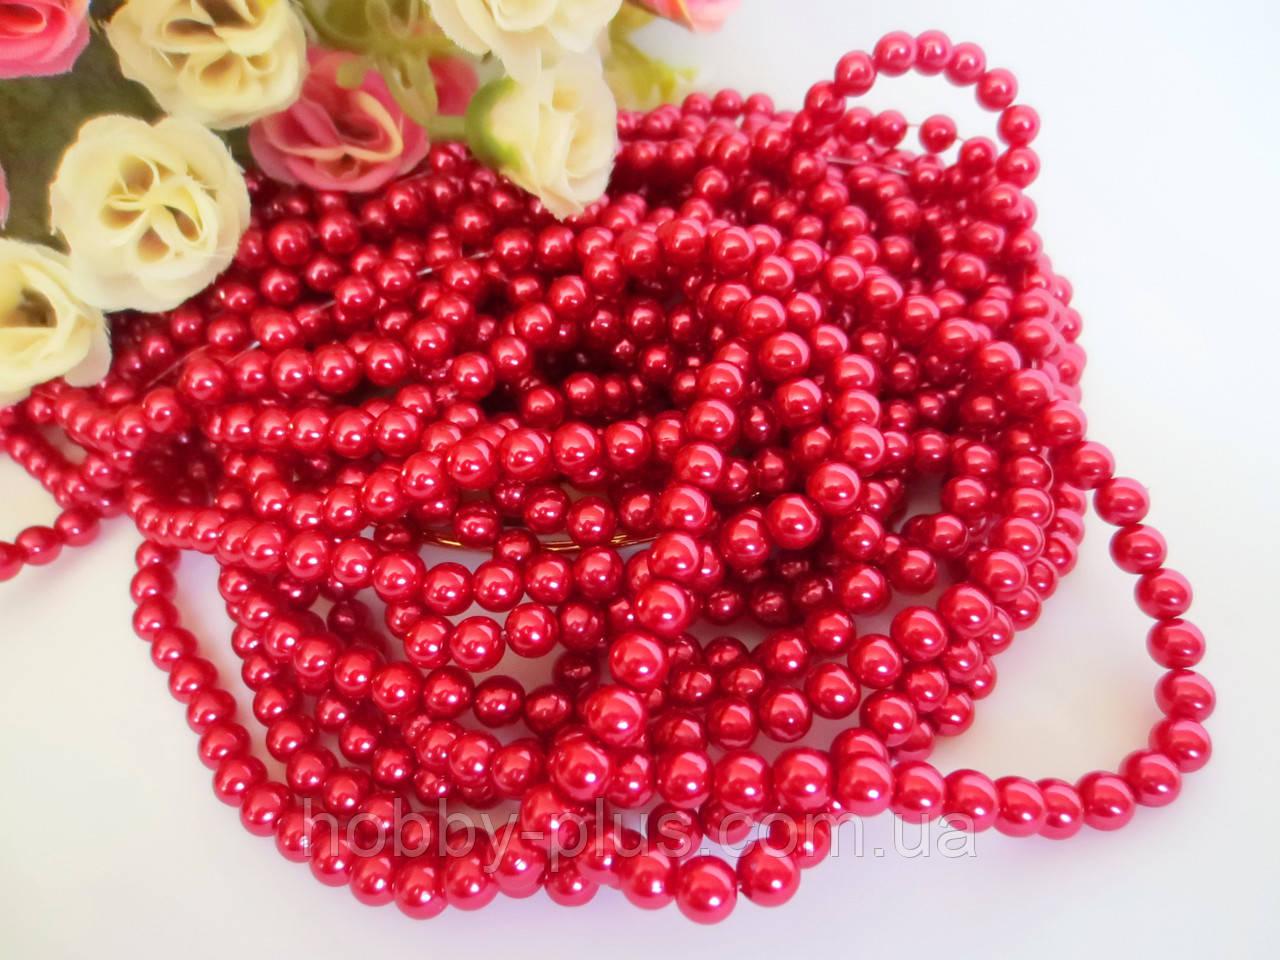 Жемчуг дорогой искусственный, 6 мм, цвет красный, 10 грамм, (~100 шт).